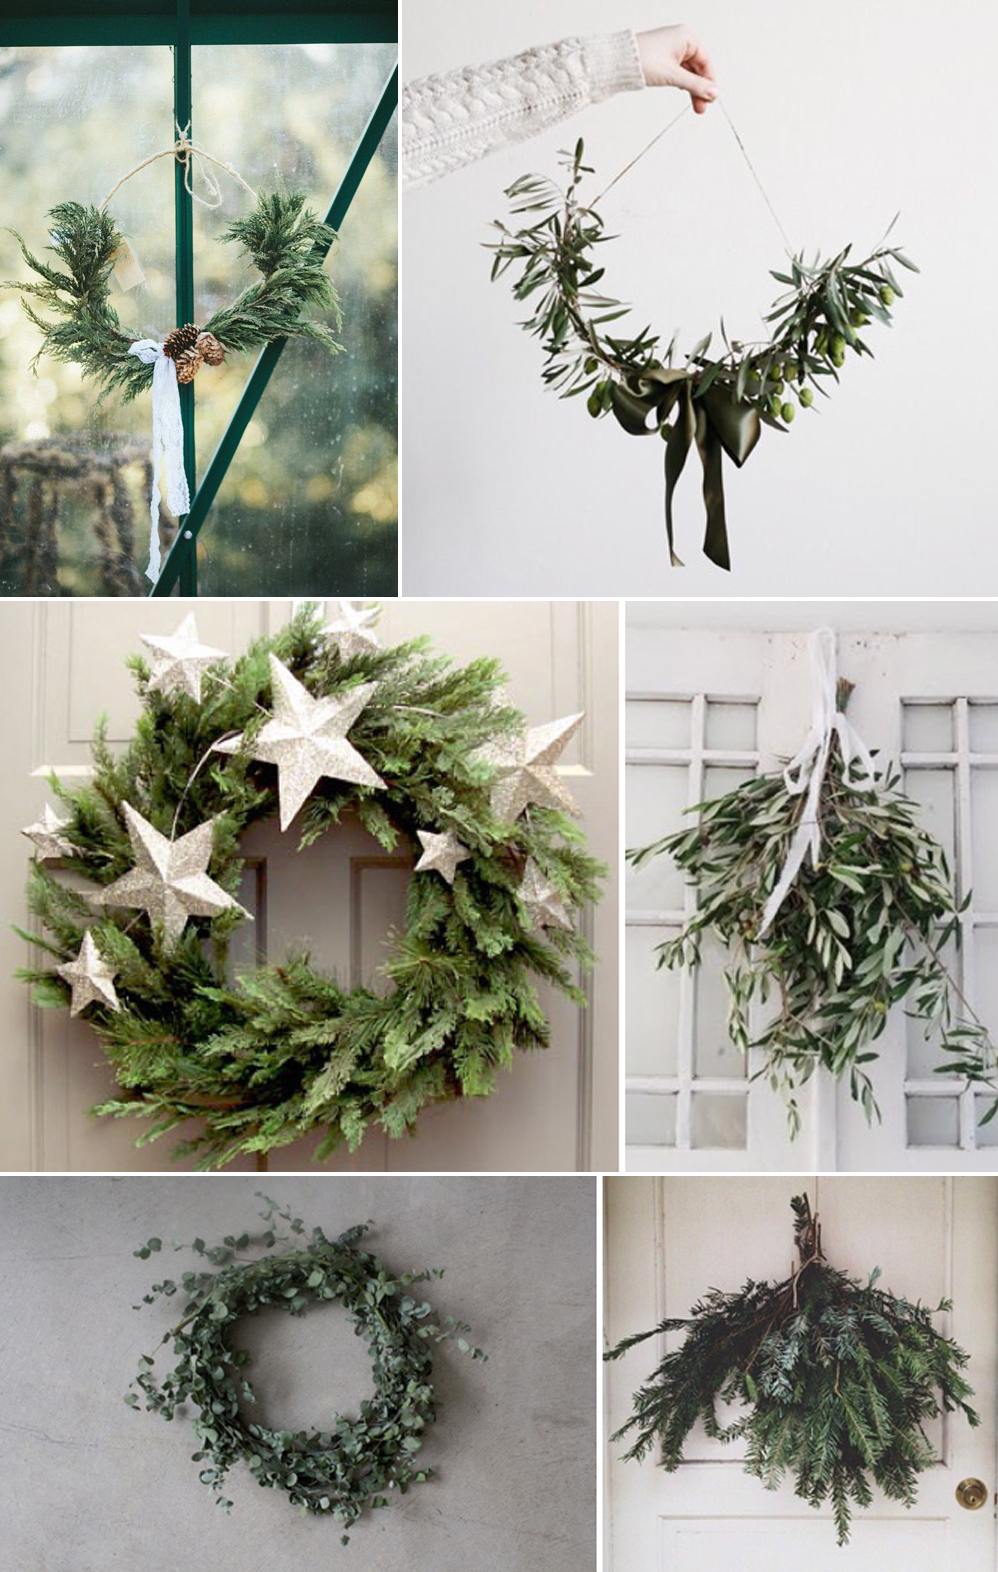 Coco Wedding Venues - Christmas Door Wreath DIY Inspiration.